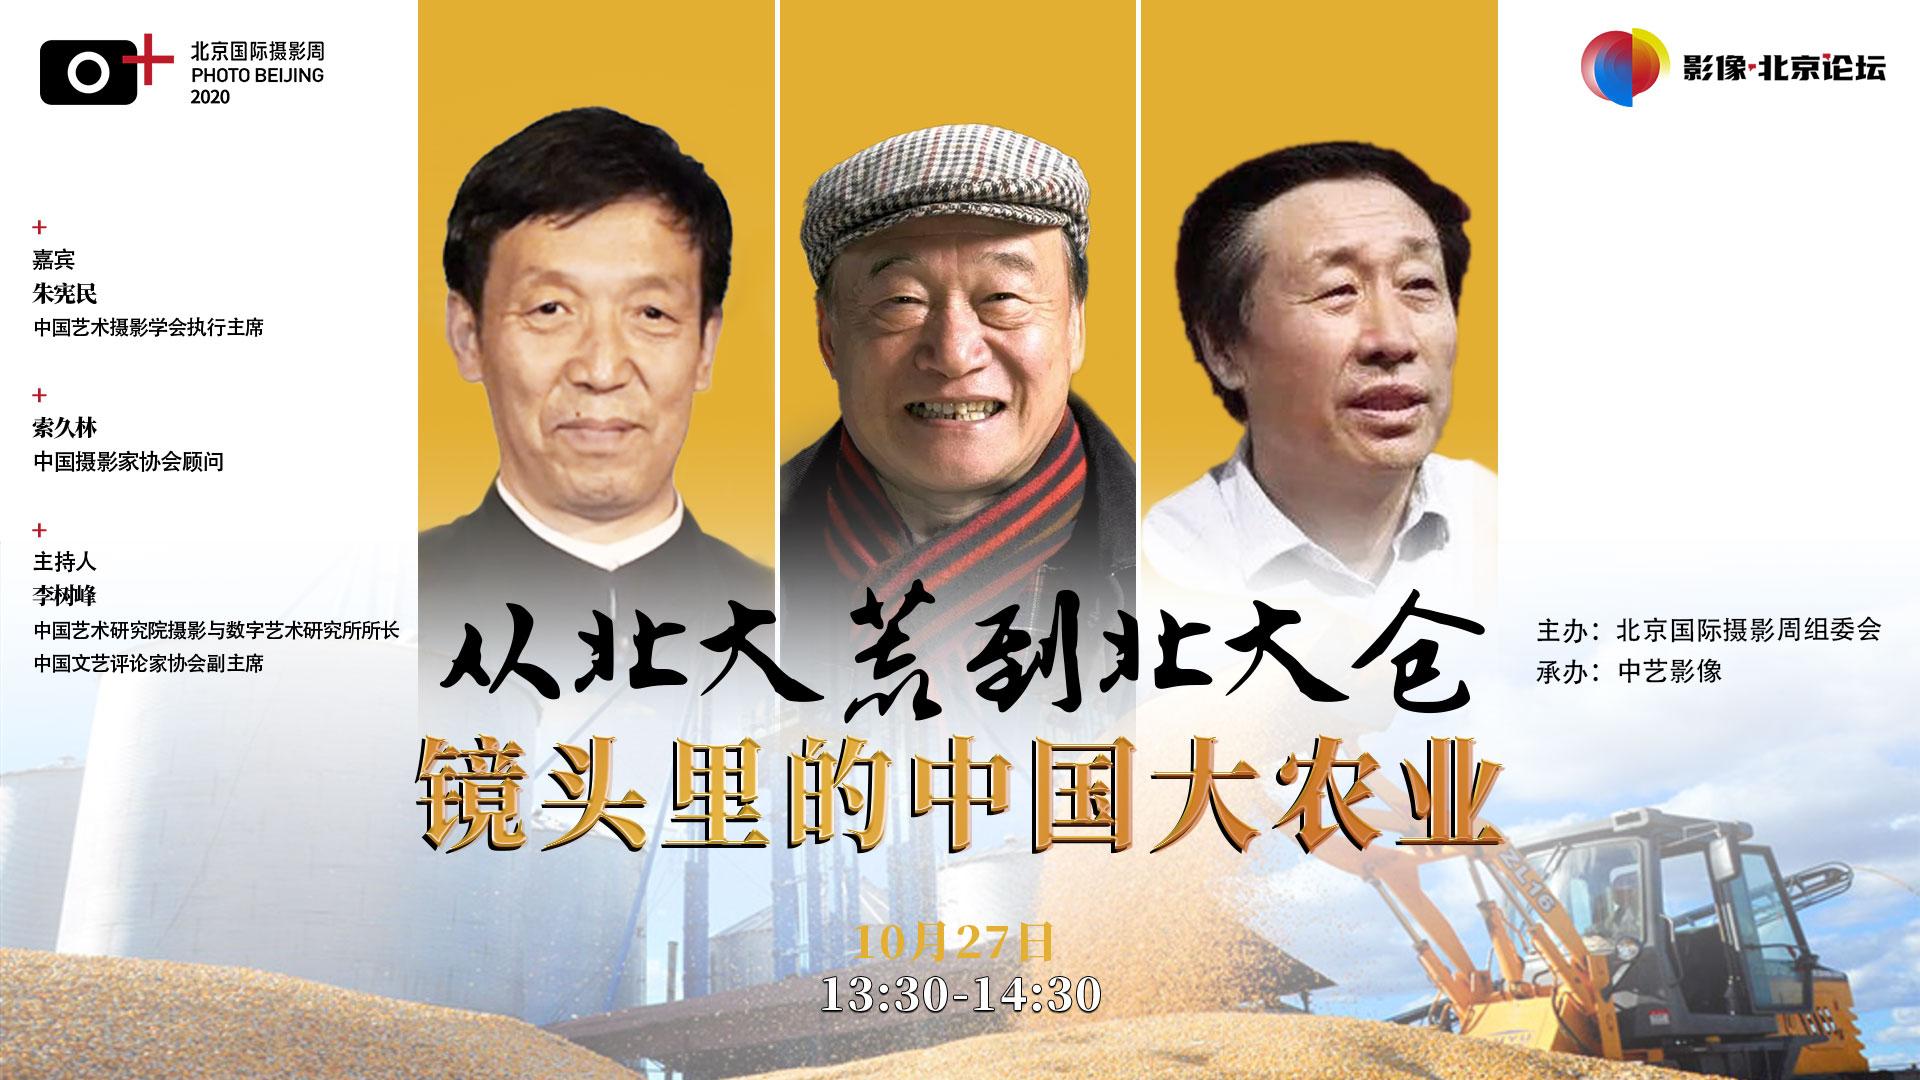 朱宪民、索久林、李树峰:从北大荒到北大仓,镜头里的中国大农业